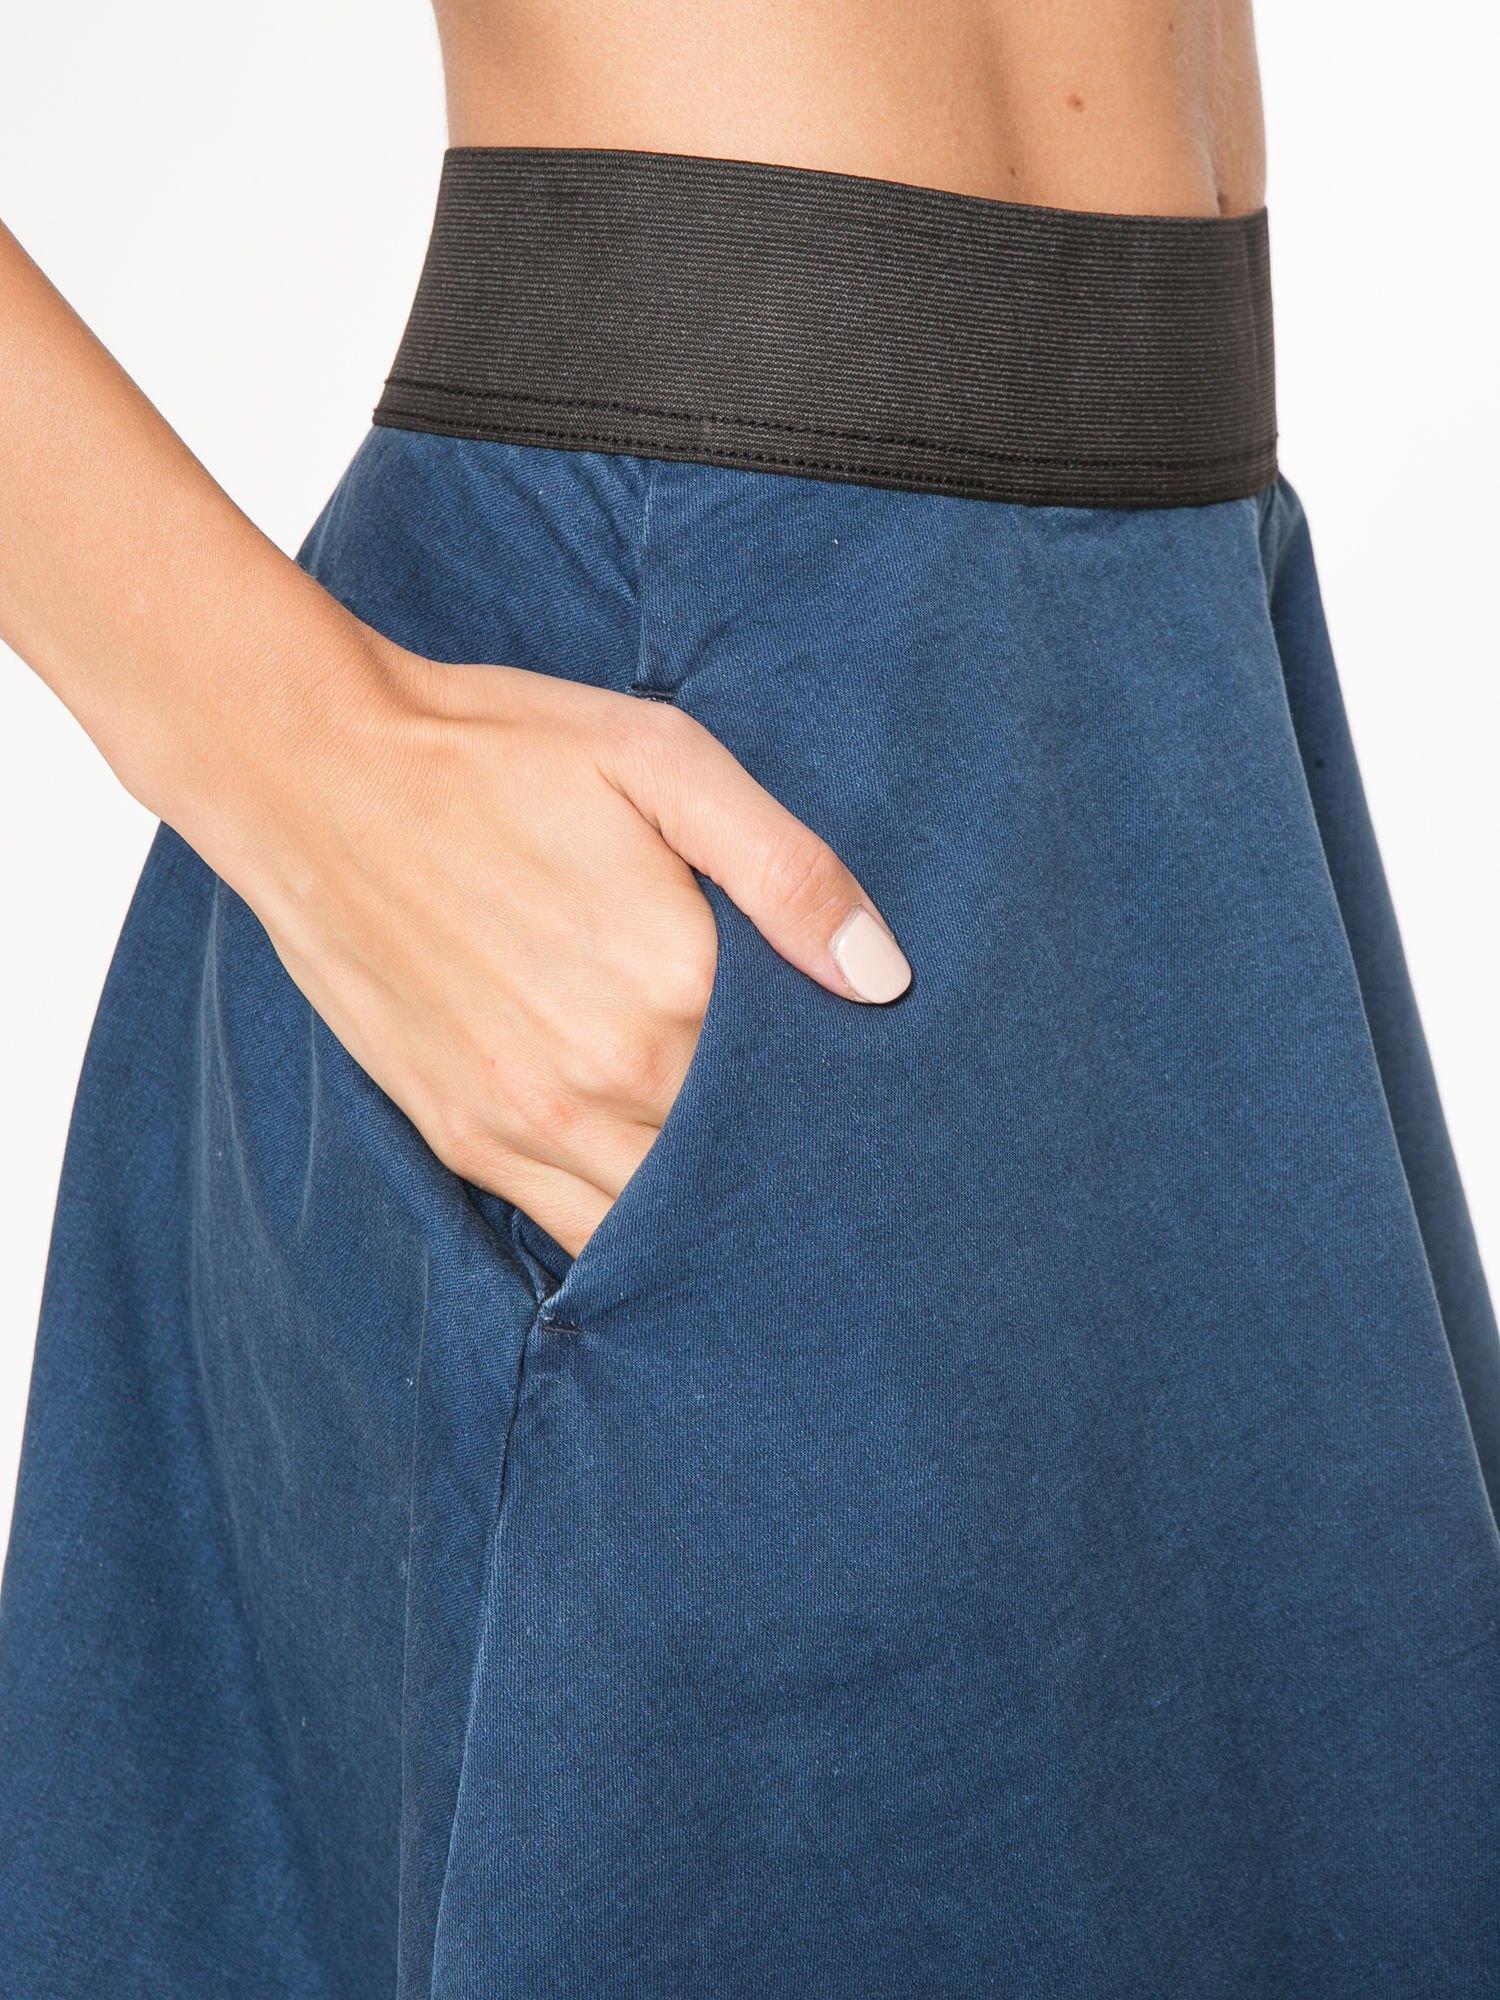 Jeansowa mini spódnica skater z gumą w pasie                                  zdj.                                  6